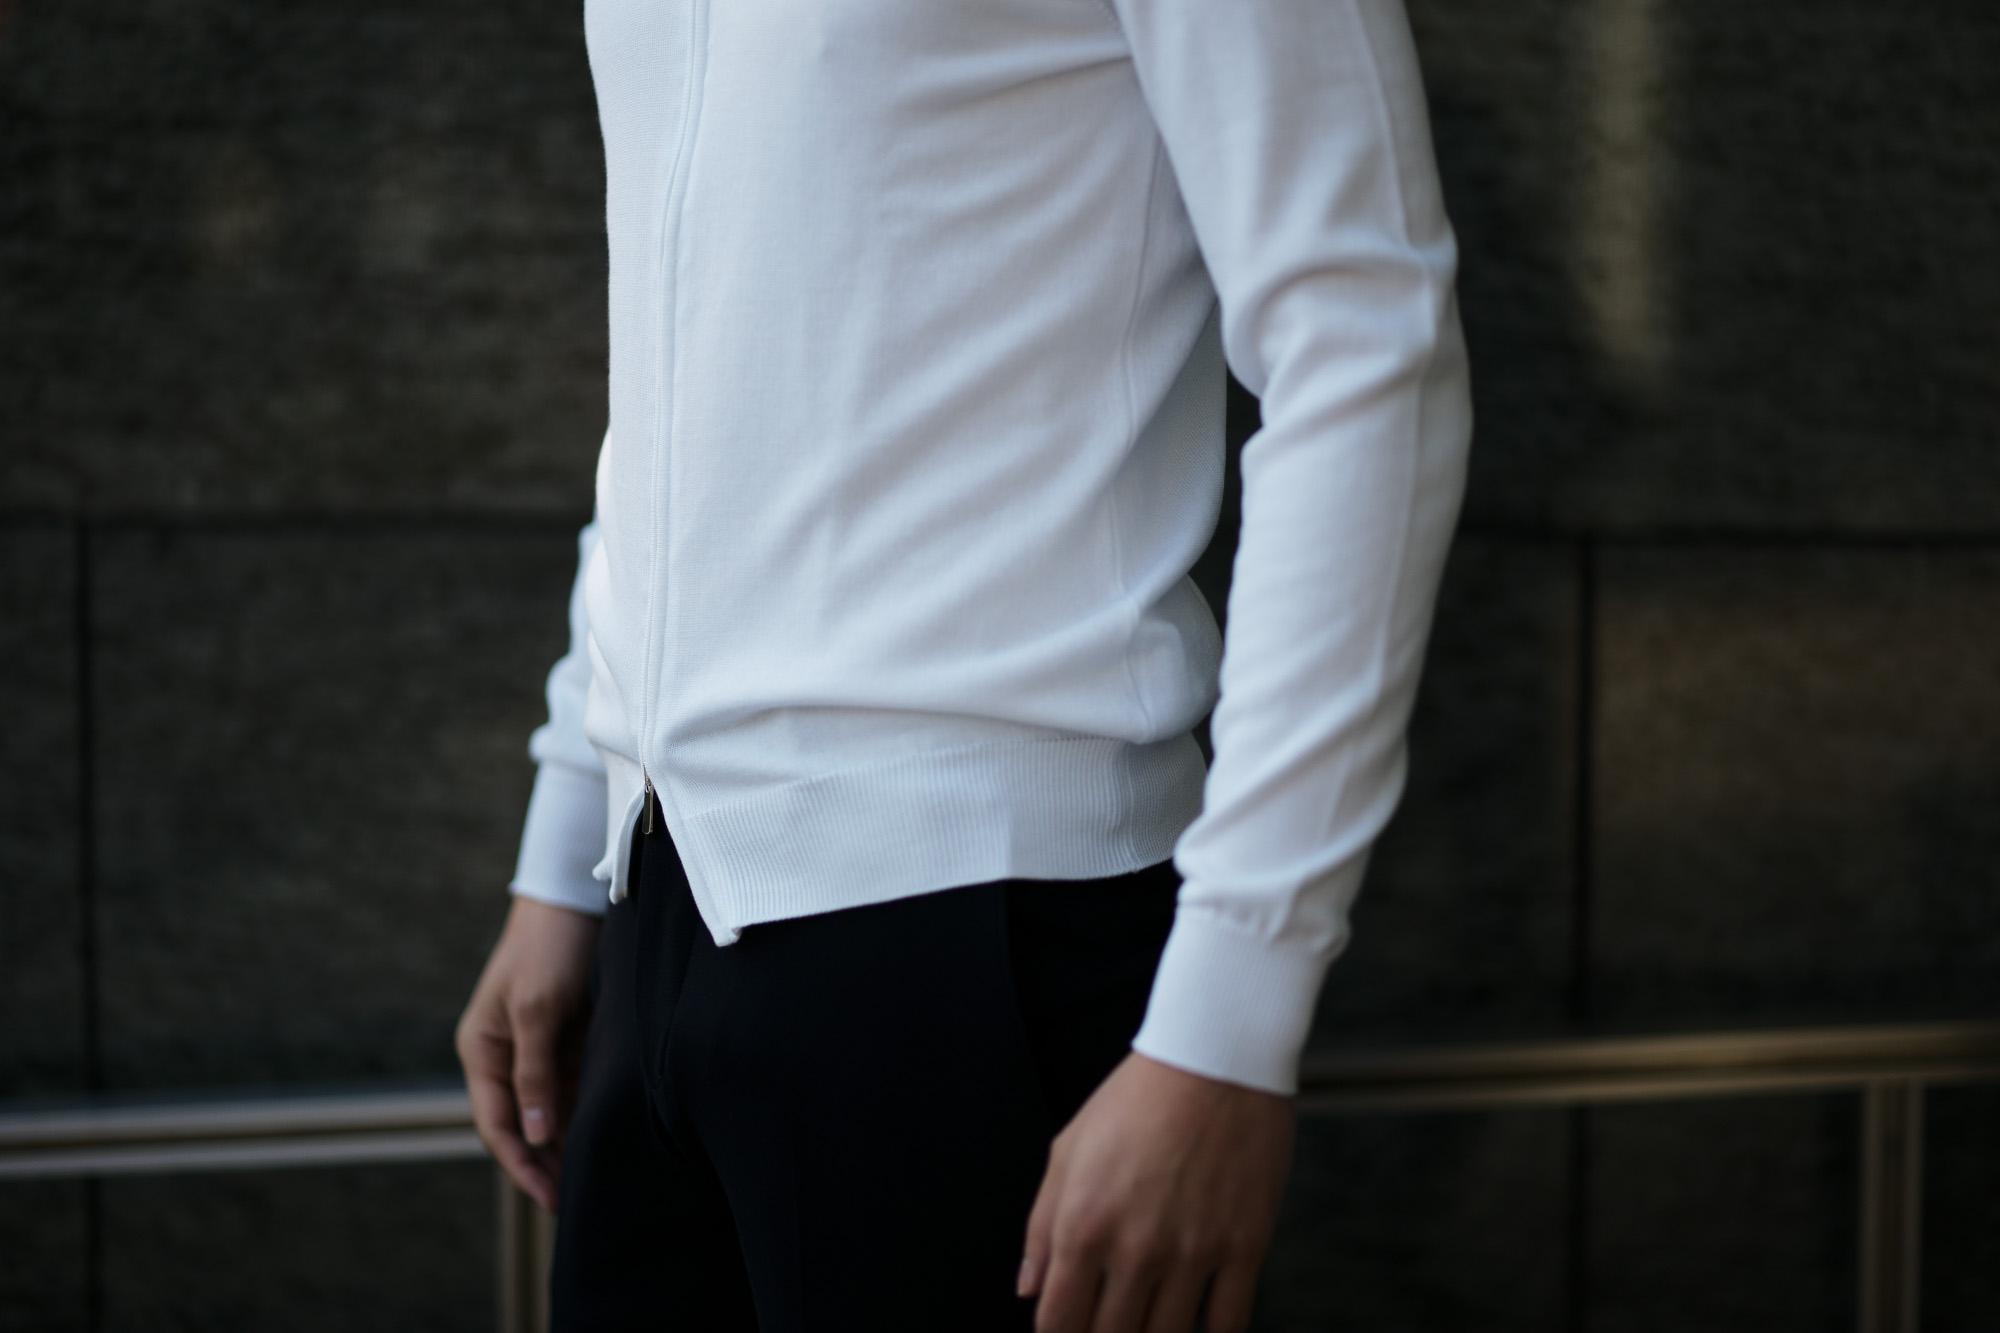 FEDELI (フェデーリ) Zip Up Cardigan (ジップアップ カーディガン) スーピマコットン ニット カーディガン WHITE (ホワイト・41) made in italy (イタリア製) 2019 春夏新作 愛知 名古屋 altoediritto アルトエデリット